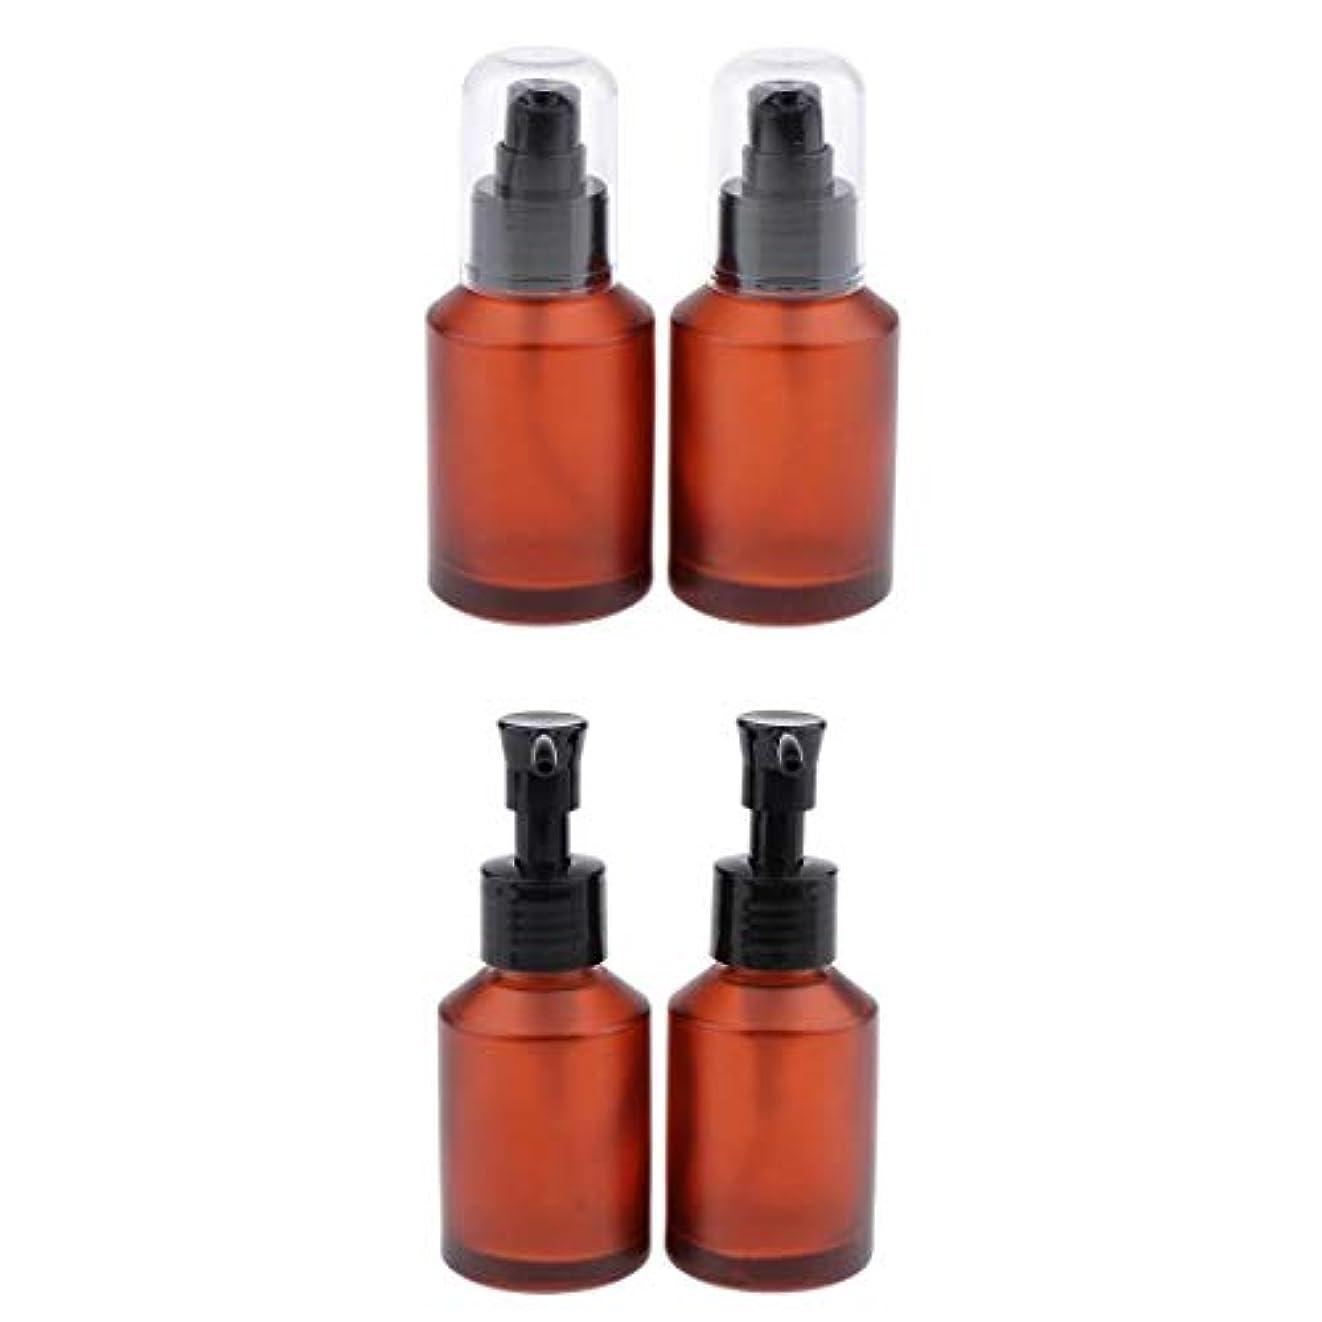 ドット戦闘魅力的T TOOYFUL 4個セット スプレーボトル スポイト瓶 遮光瓶 ガラス製 精油瓶 詰め替え アロマ保存容器 小分け用